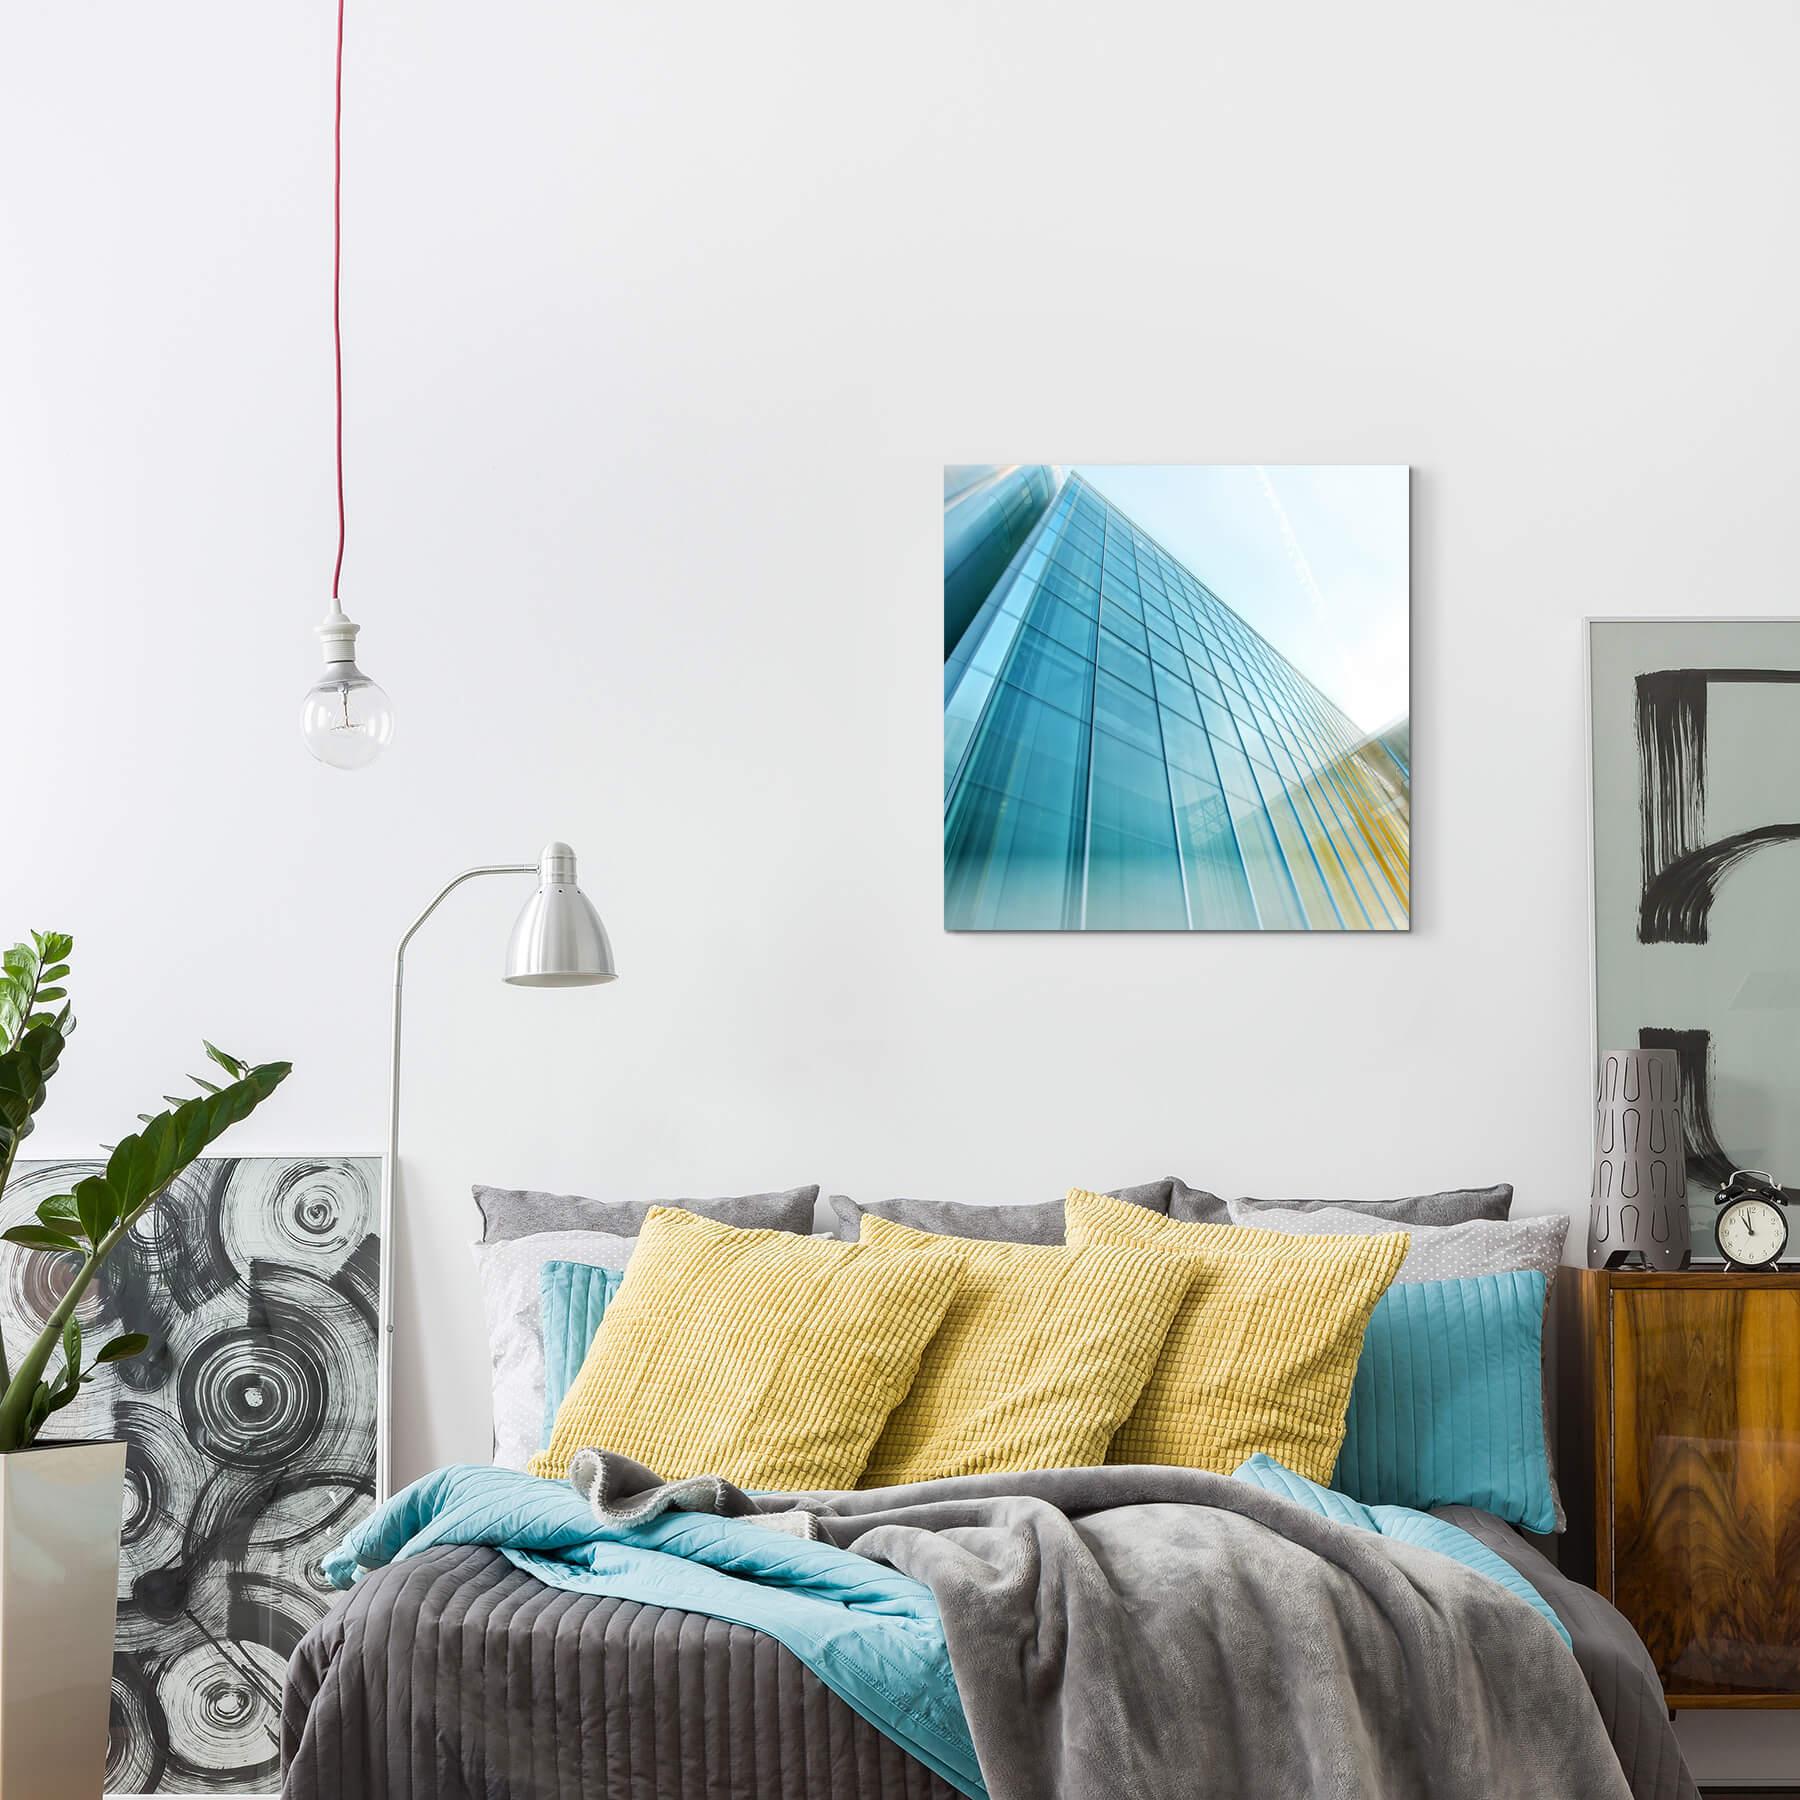 Grandangolare accoglienza  alta casa casa casa front-tela 9f2208